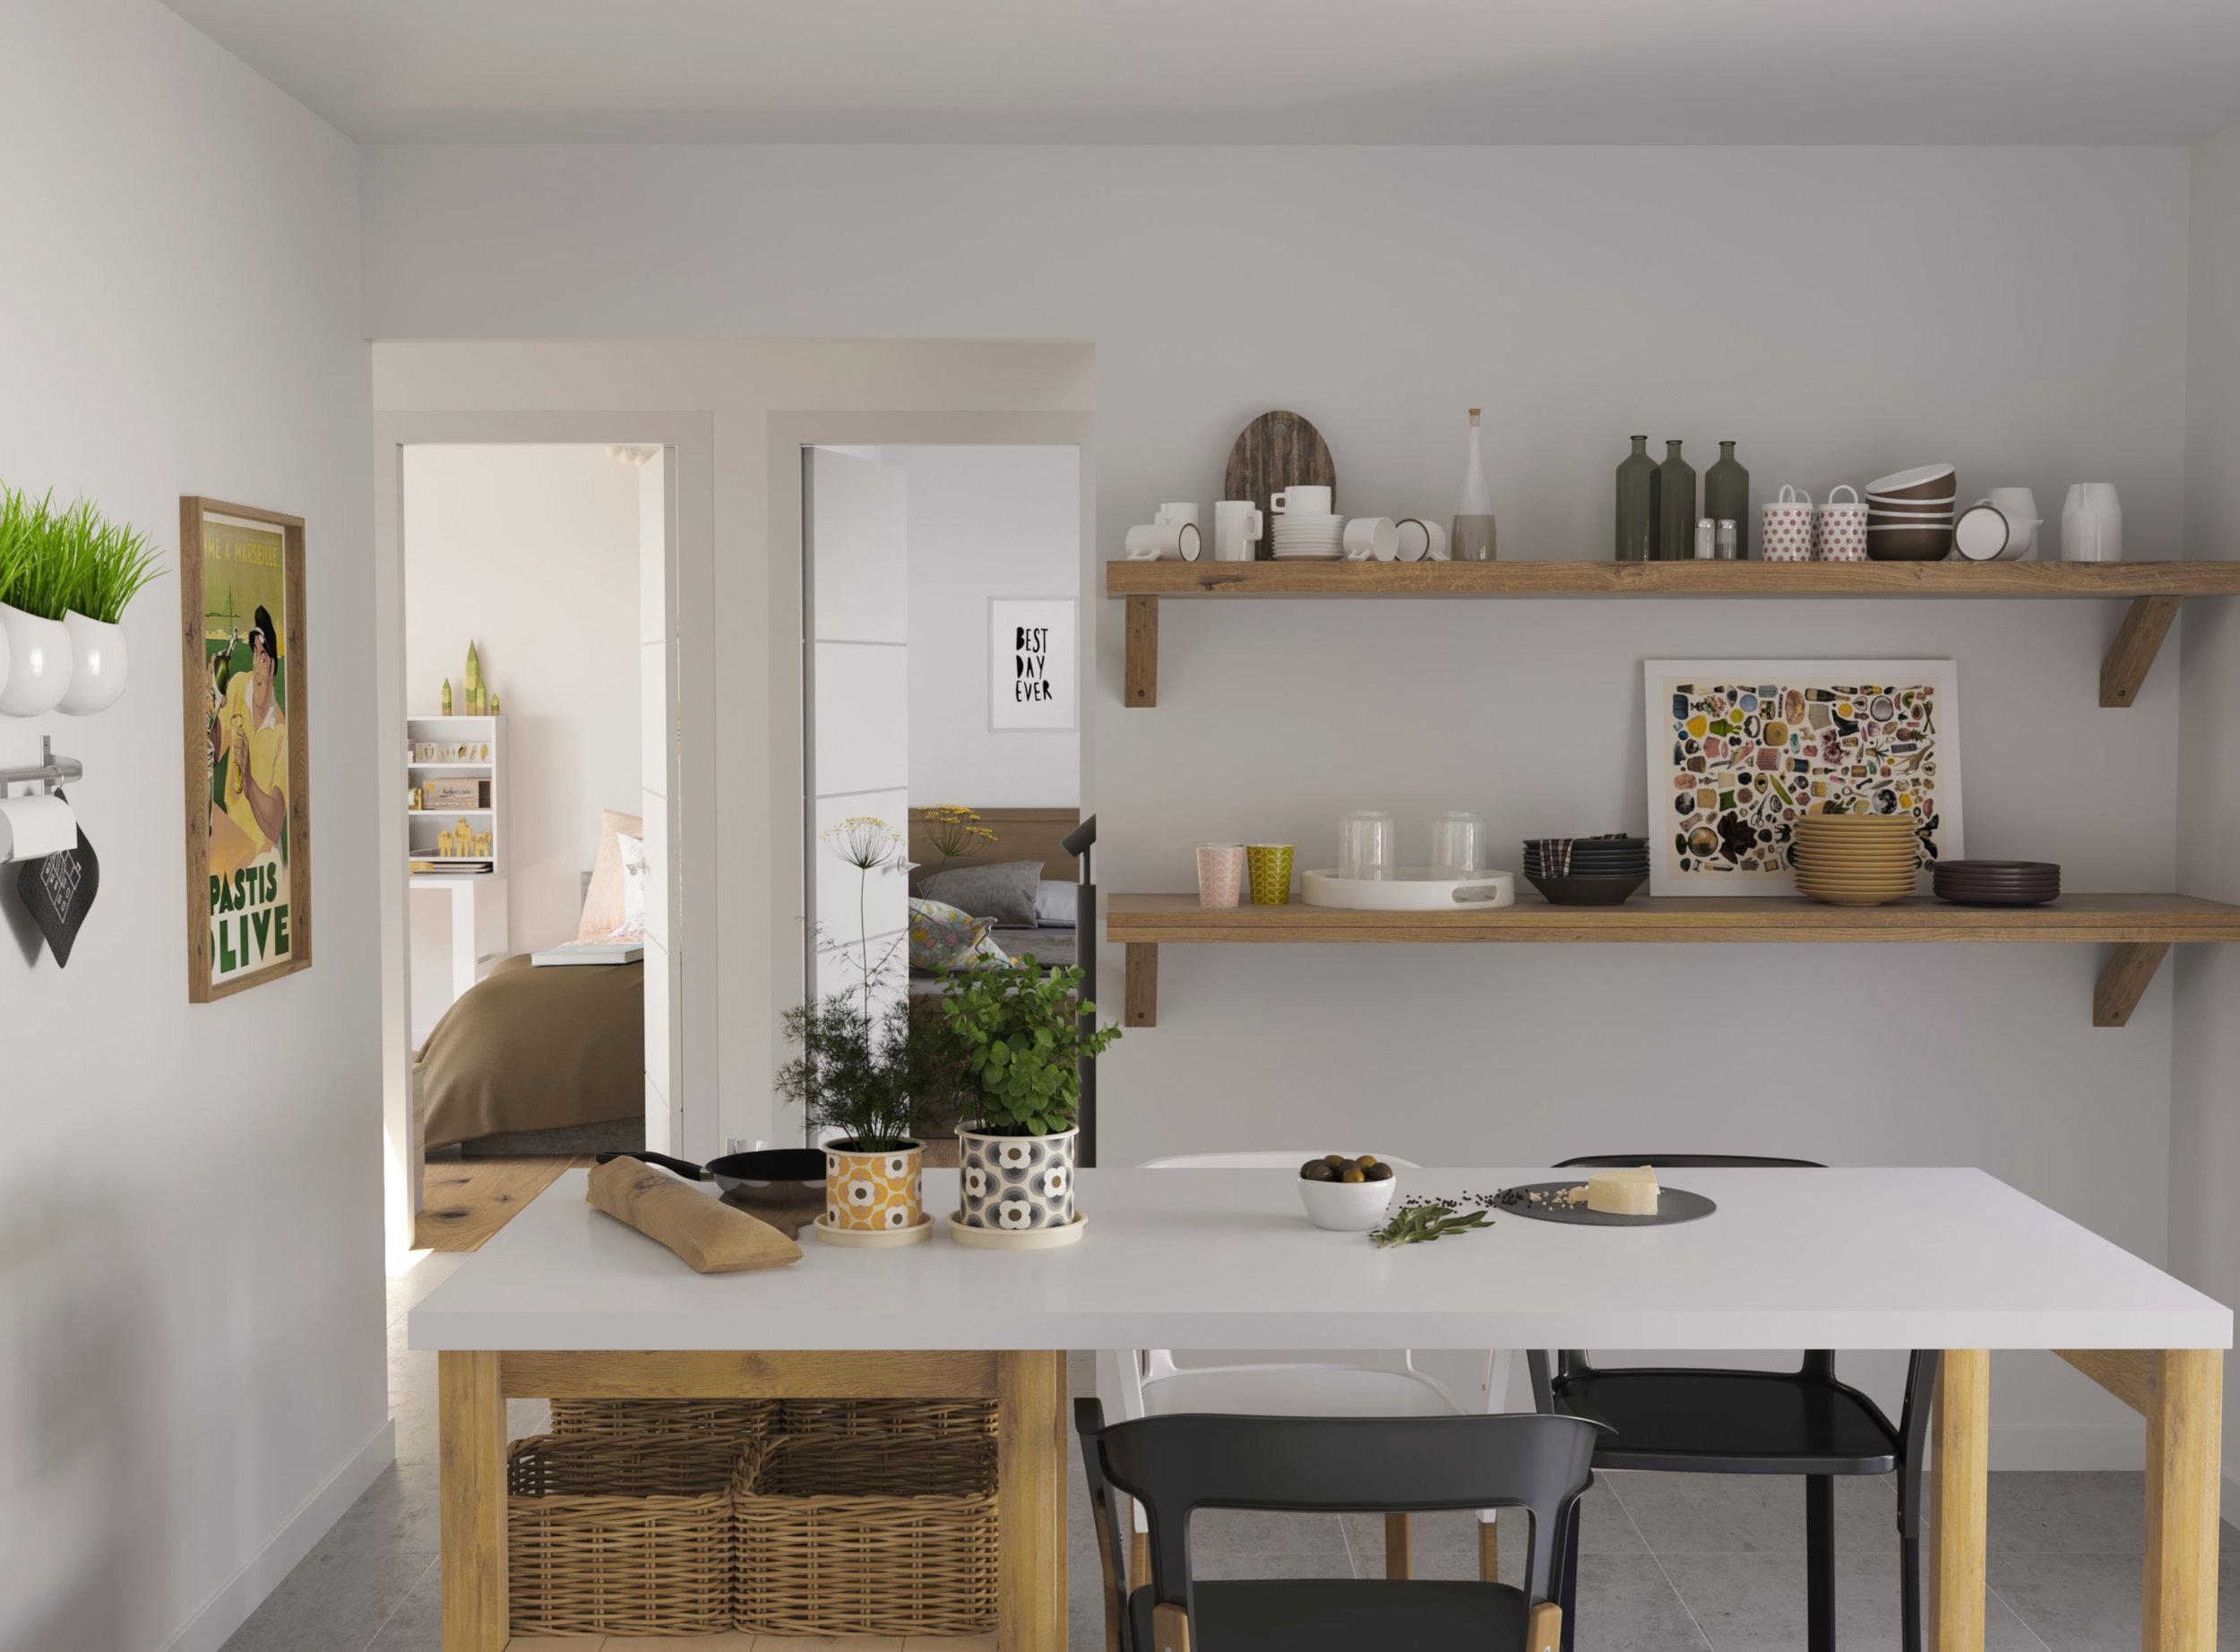 T4_kitchen_002.jpg